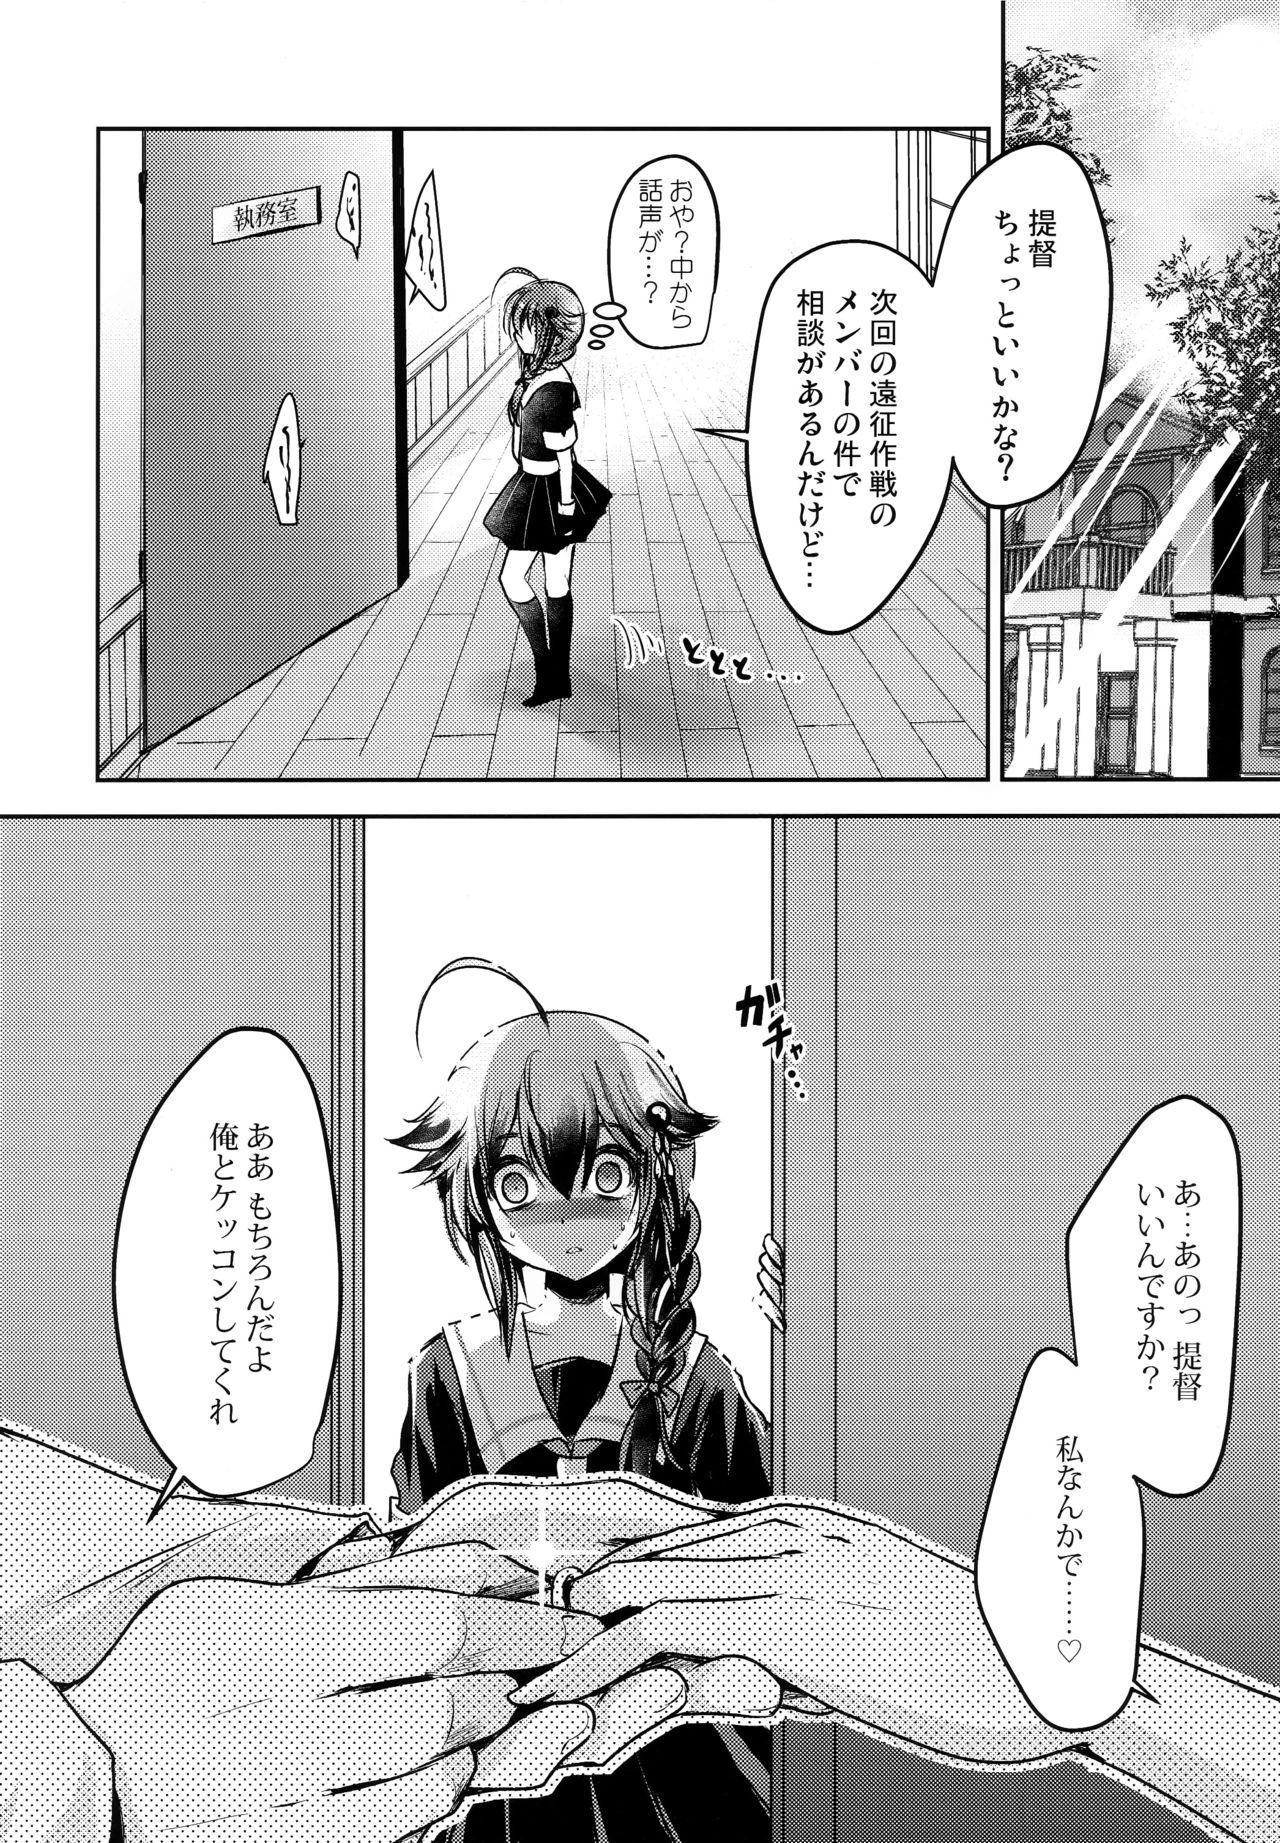 Yamanai Ame, Akenai Yoru. 12